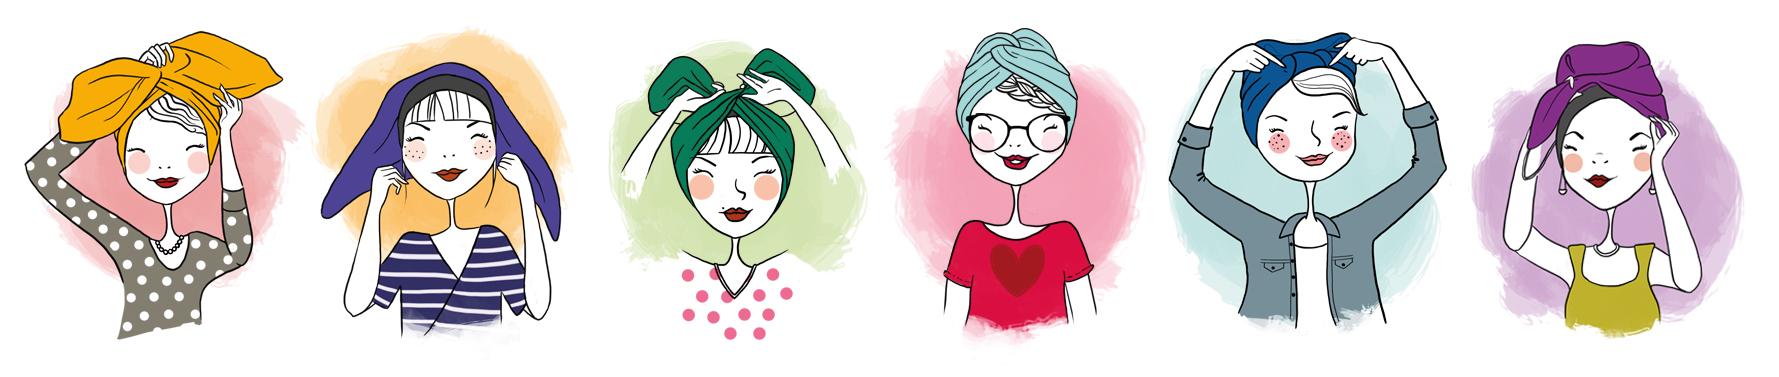 Clemzillu illustration tutos pour Indira de Paris marque de turbans - illustratrice lyonnaise